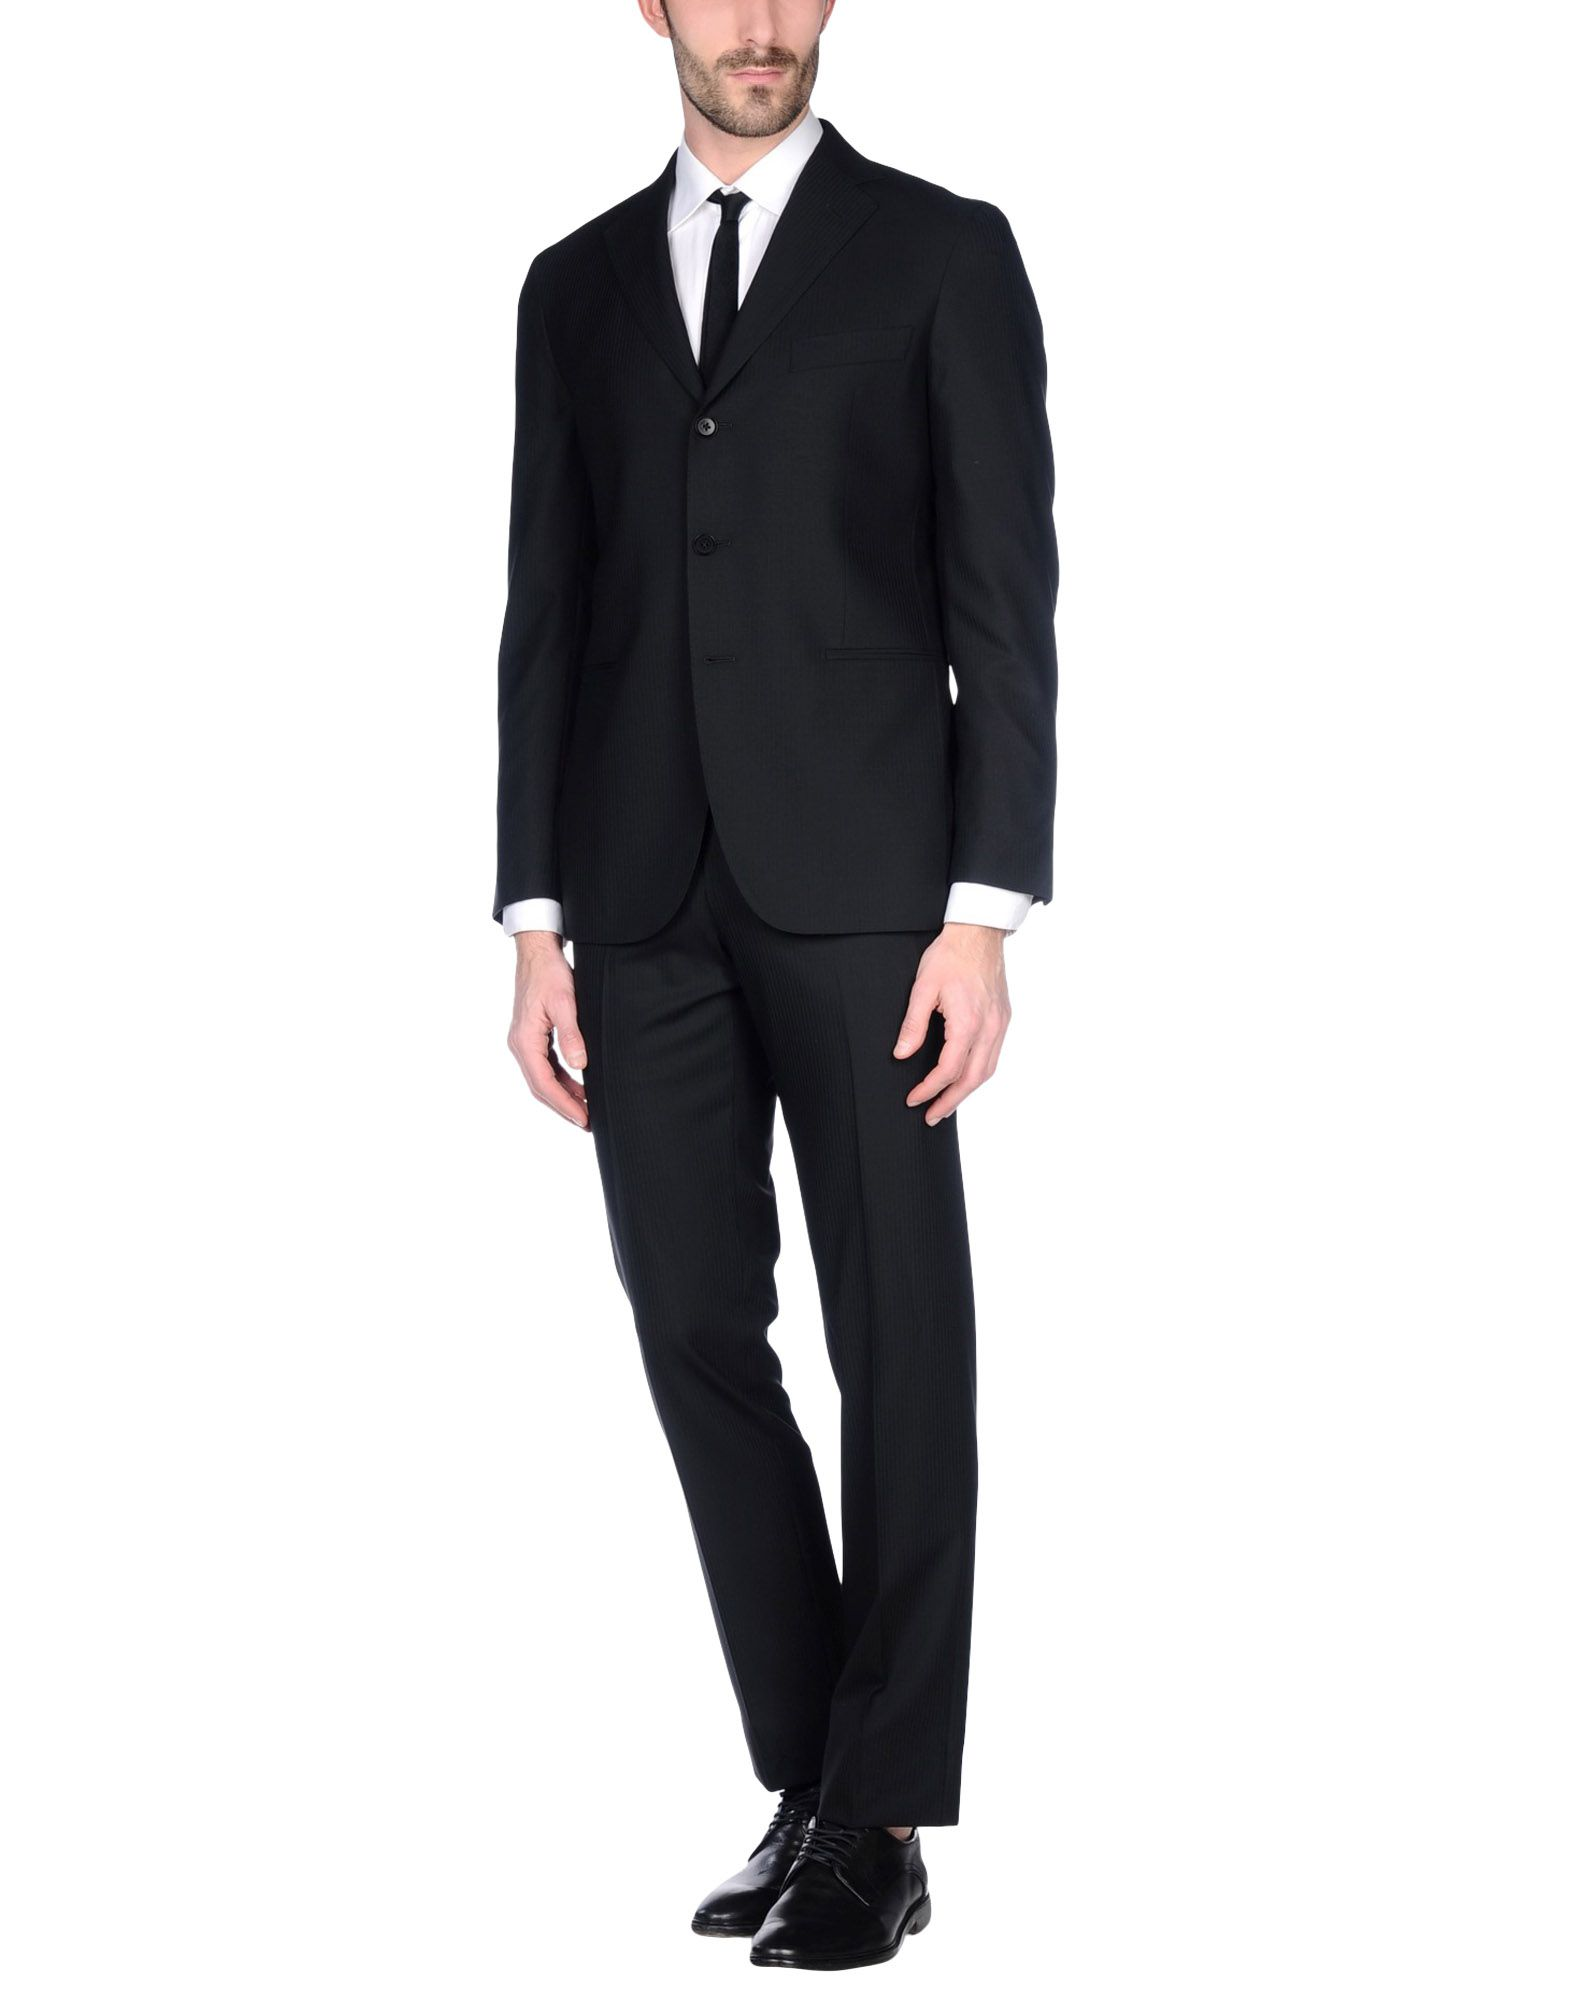 《送料無料》VITALE BARBERIS CANONICO メンズ スーツ スチールグレー 56 スーパー120 ウール 100%